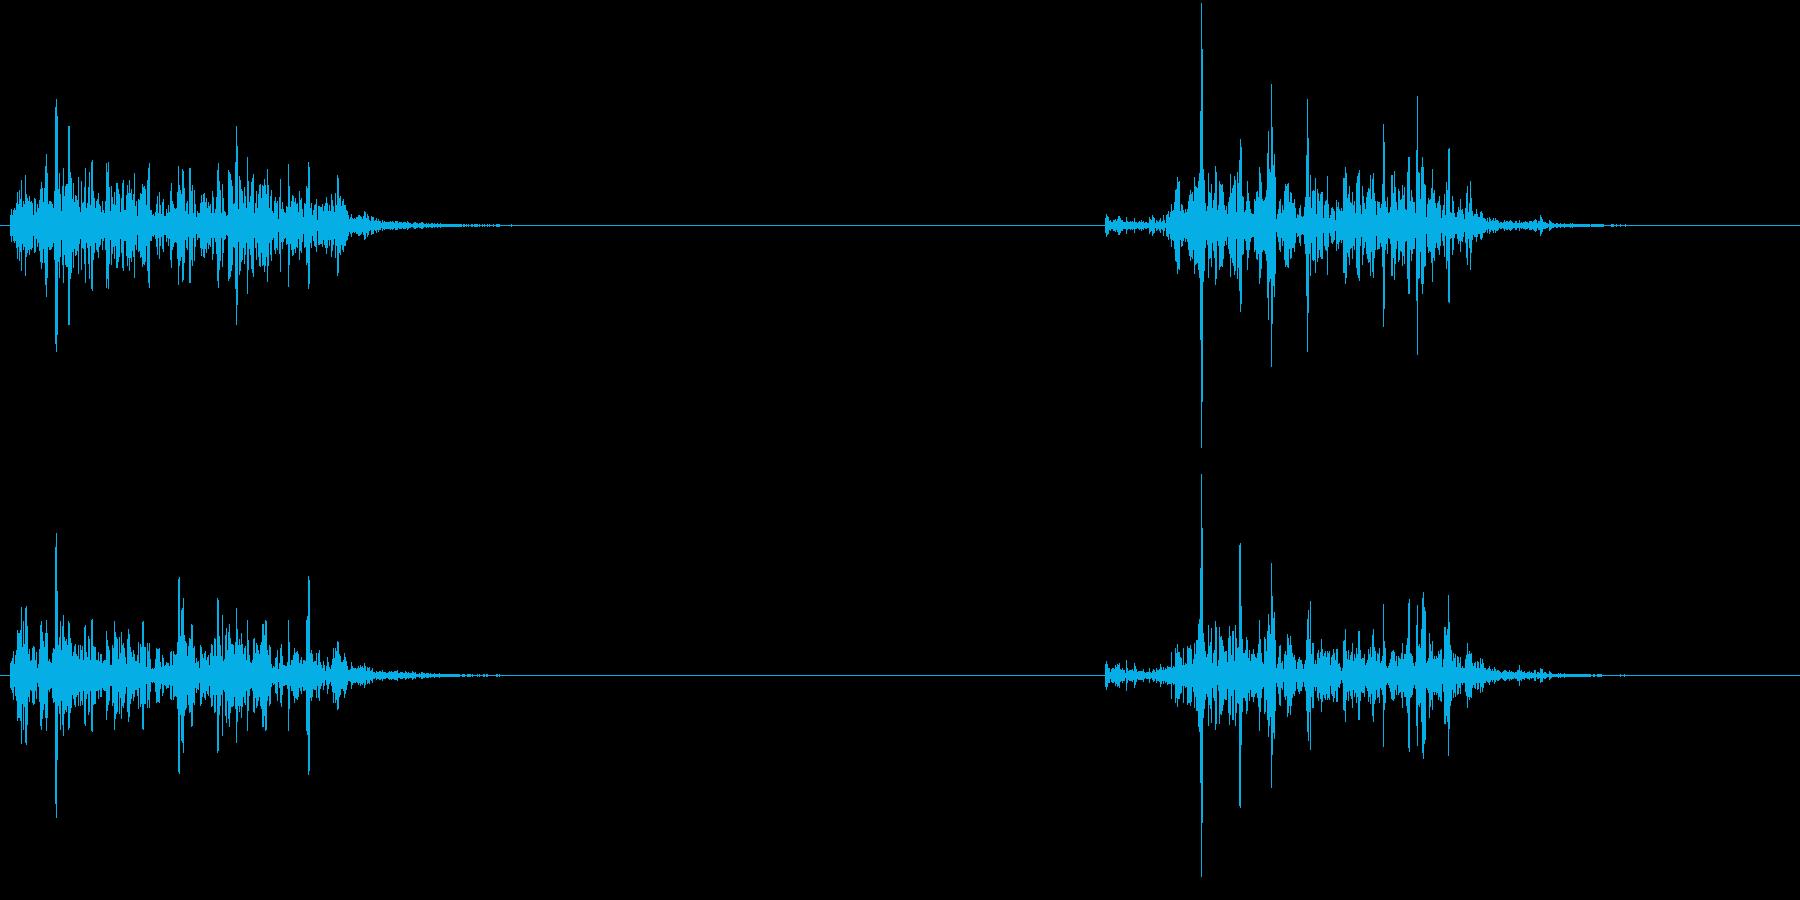 【生録音】洗濯物を干す・衣服をはたく音の再生済みの波形